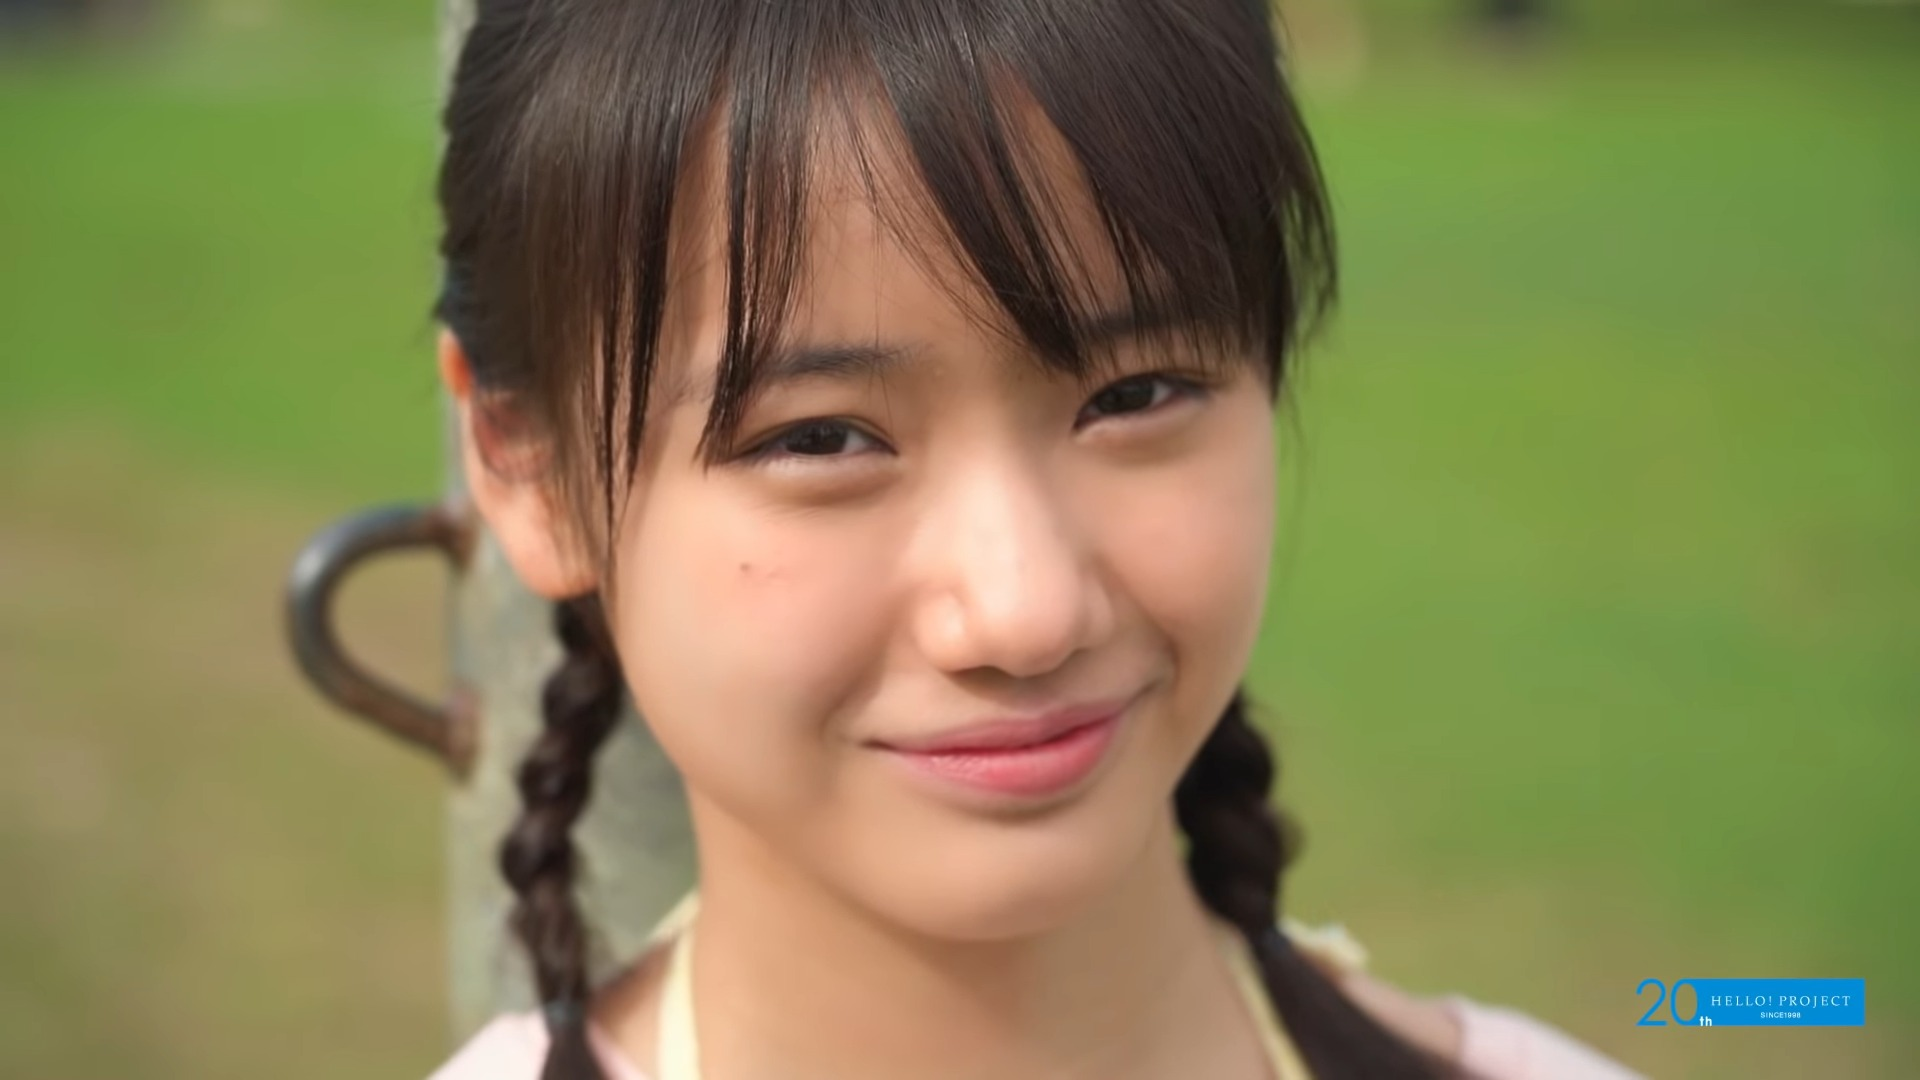 【横山玲奈】-カップ Blu-ray「First REINA YOKOYAMA」ダイジェスト